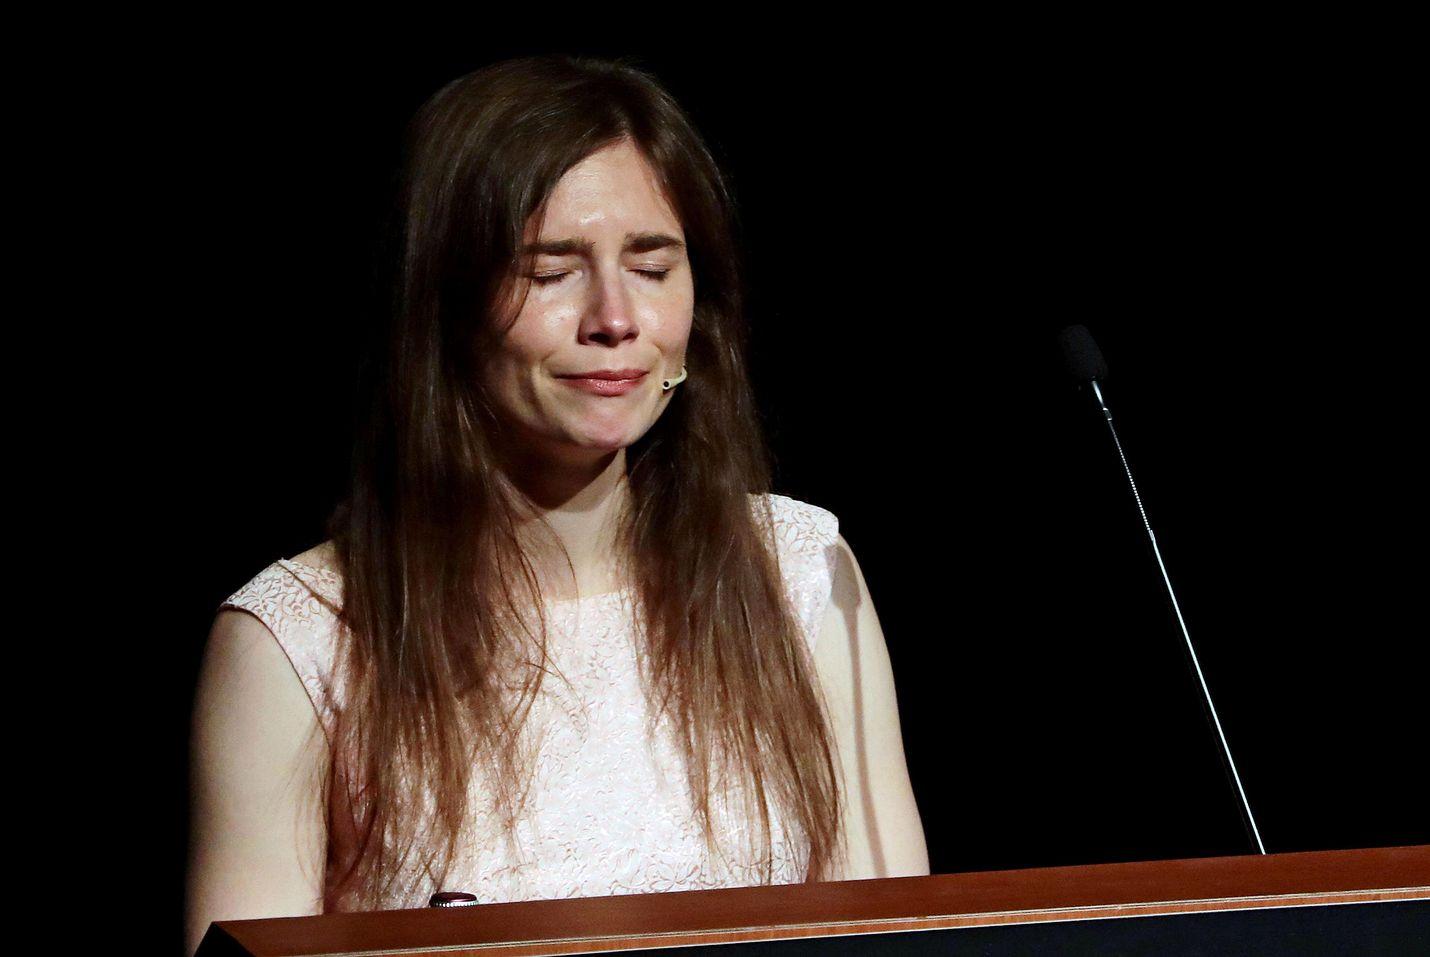 Amanda Knox puhkesi kyyneliin lauantaina Italian Modenassa järjestetyssä rikosoikeuden konferenssissa. Knox piti tapahtumassa 40 minuutin mittaisen puheen, jossa hän kertasi lähes kymmenen vuotta kestänyttä oikeustaistelua.